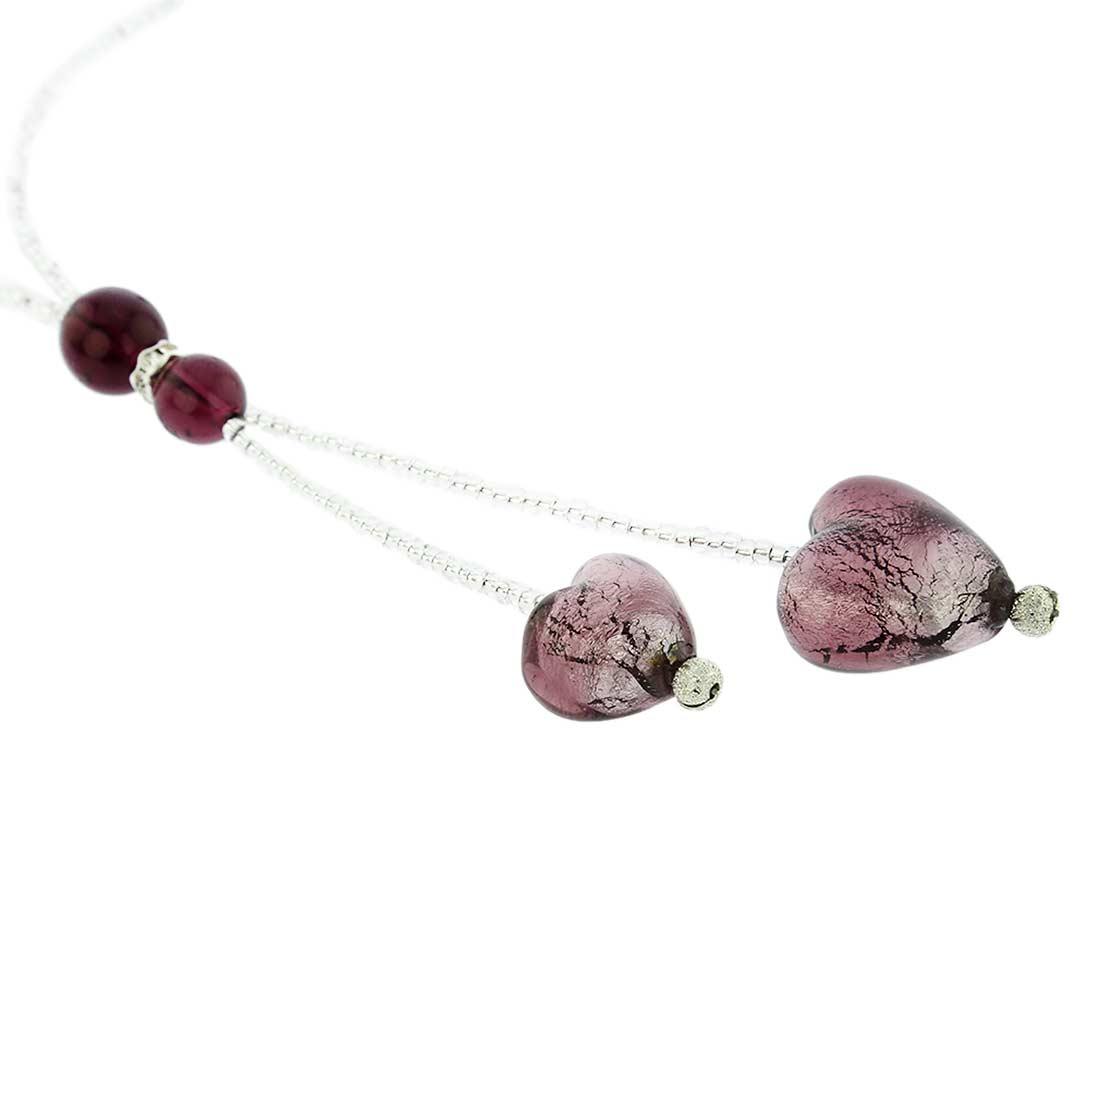 Murano Heart Tie Necklace - Amethyst